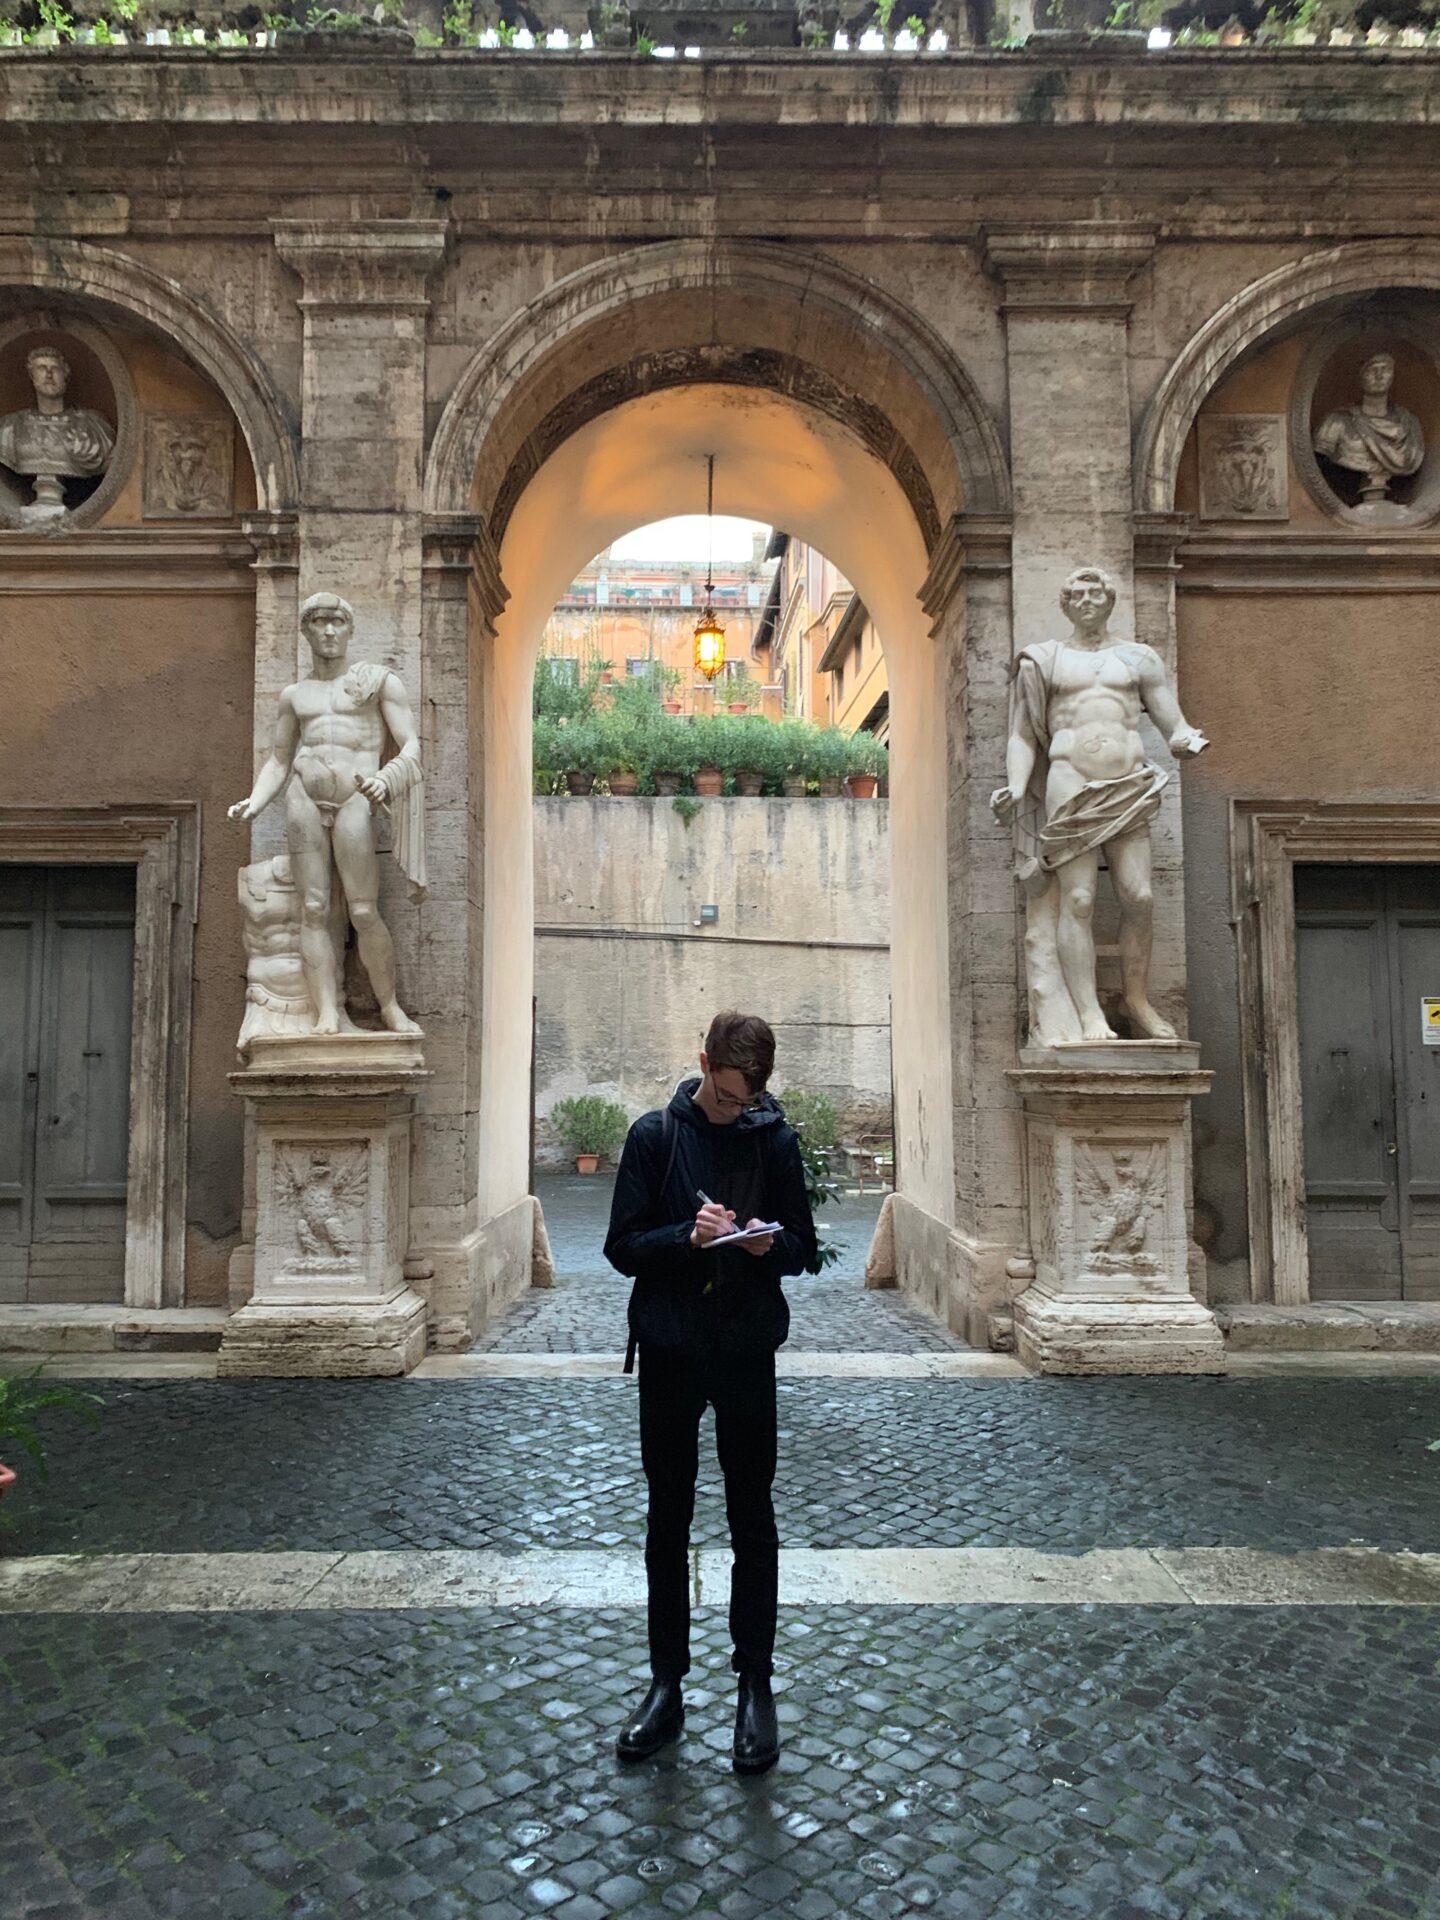 Noah Baker sketches at Palazzo Mattei.